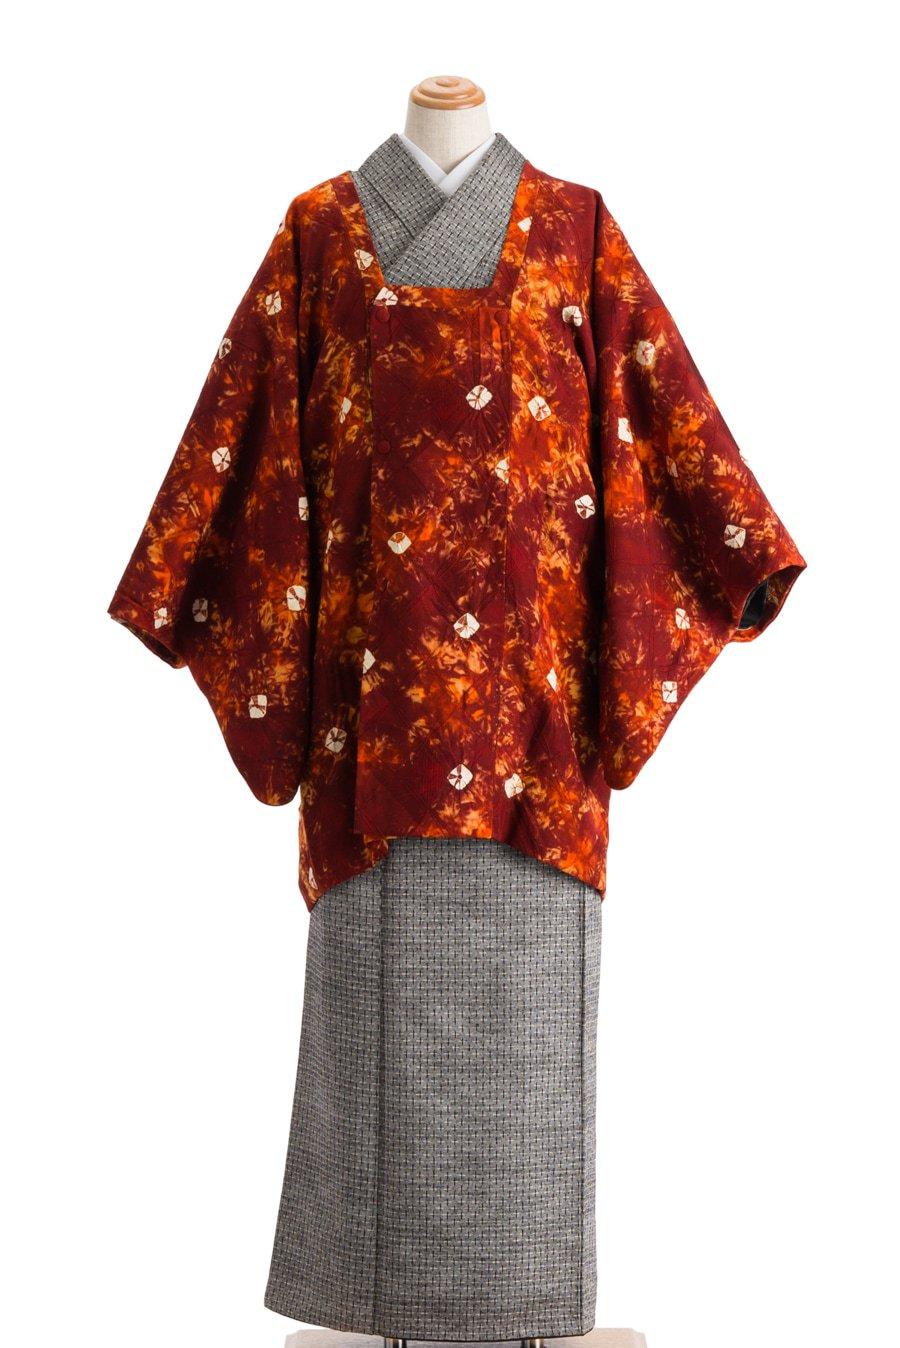 「道行コート オレンジ茶 白絞り」の商品画像